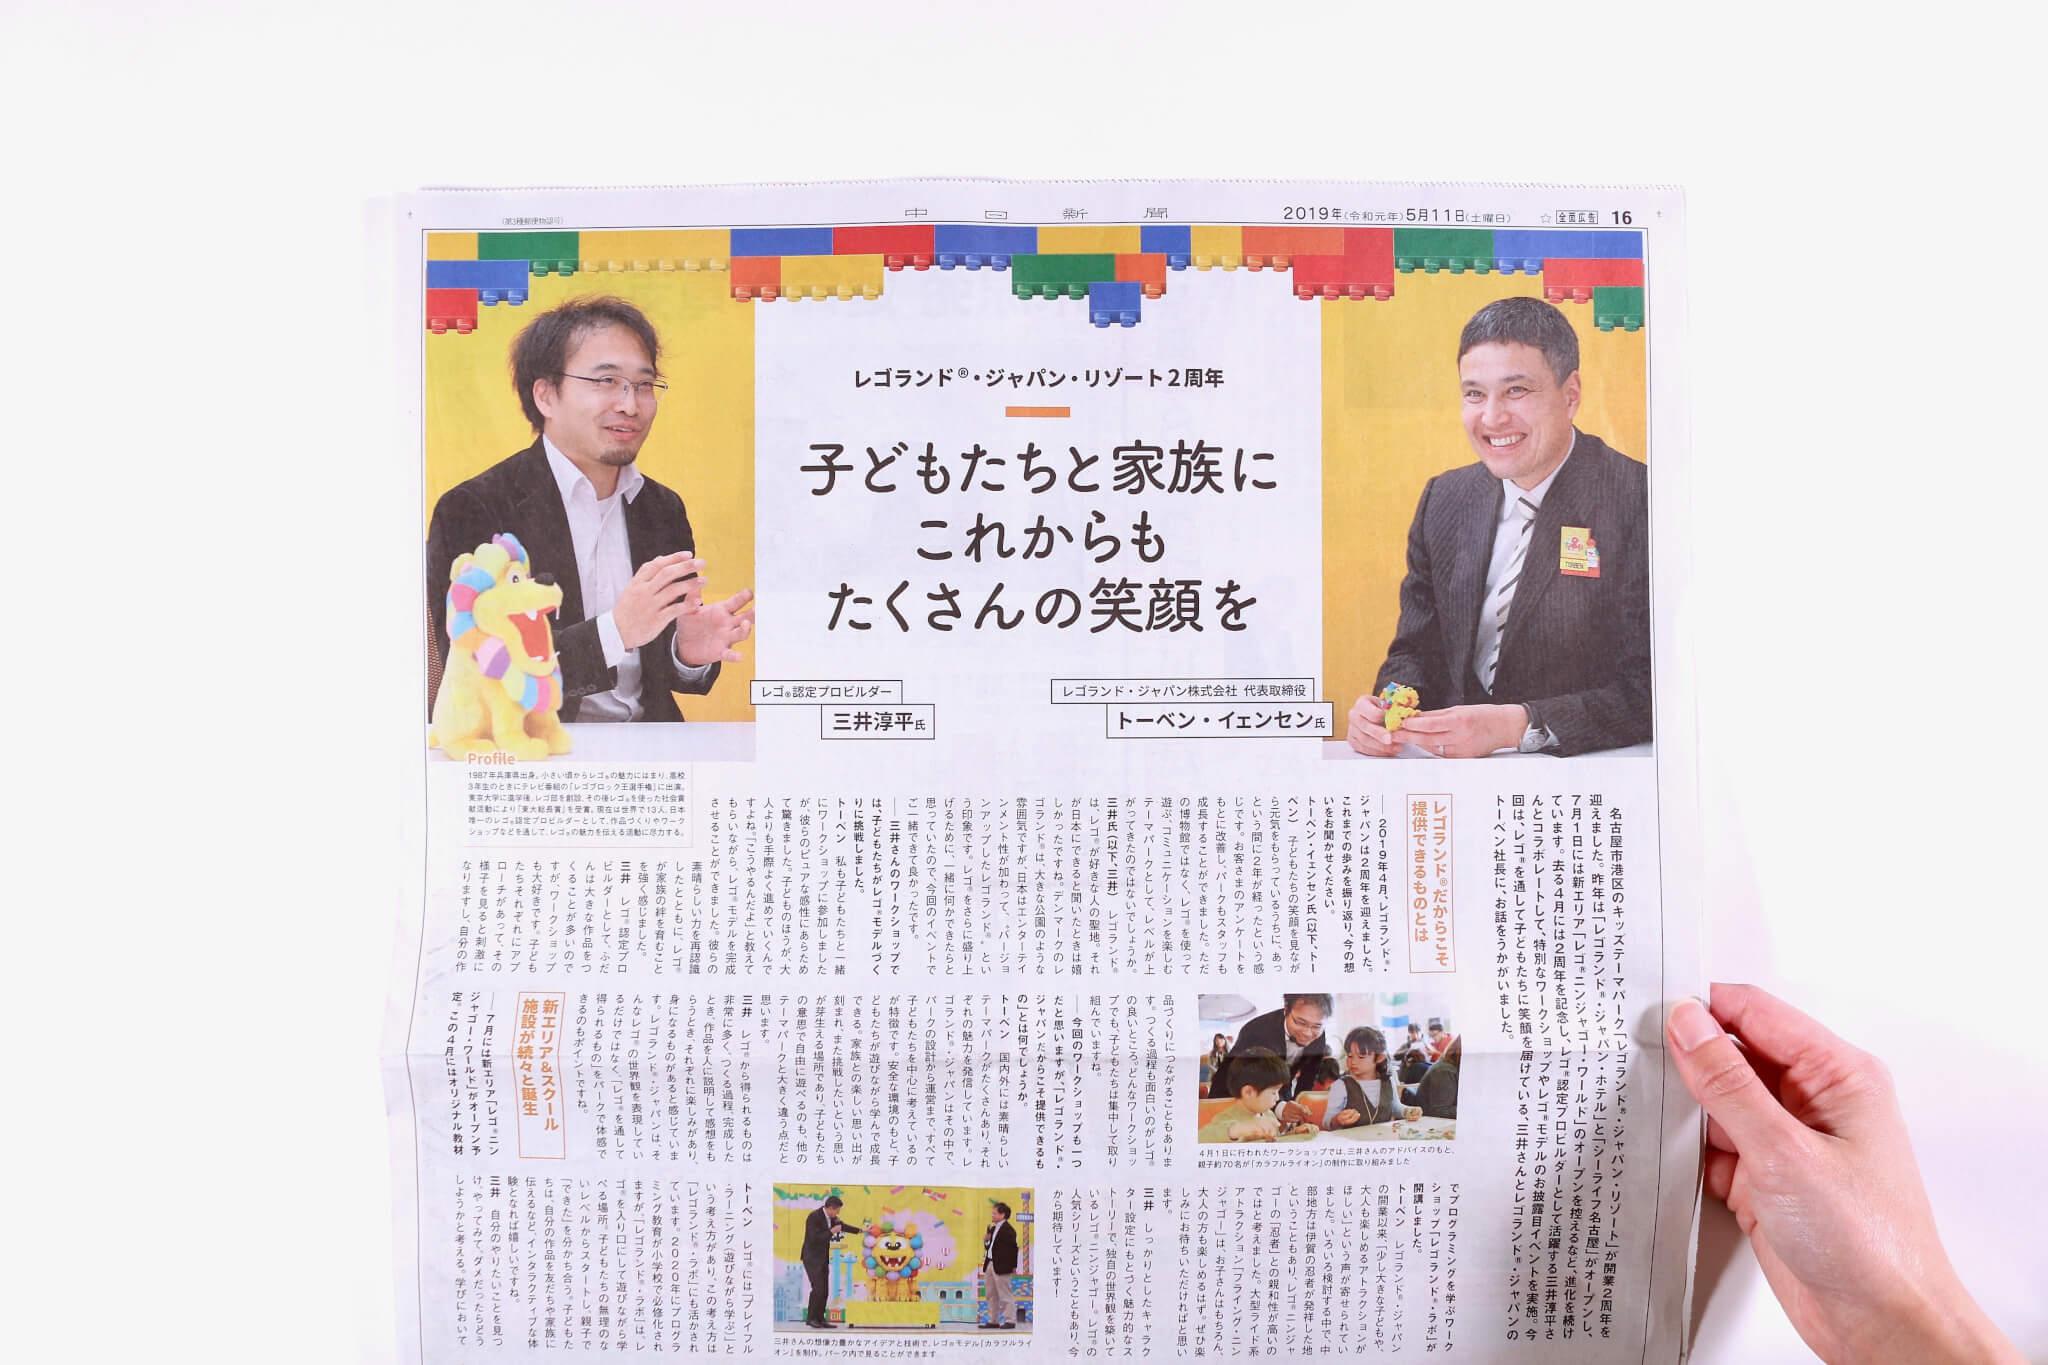 レゴランド・ジャパン・リゾート 2周年記念対談